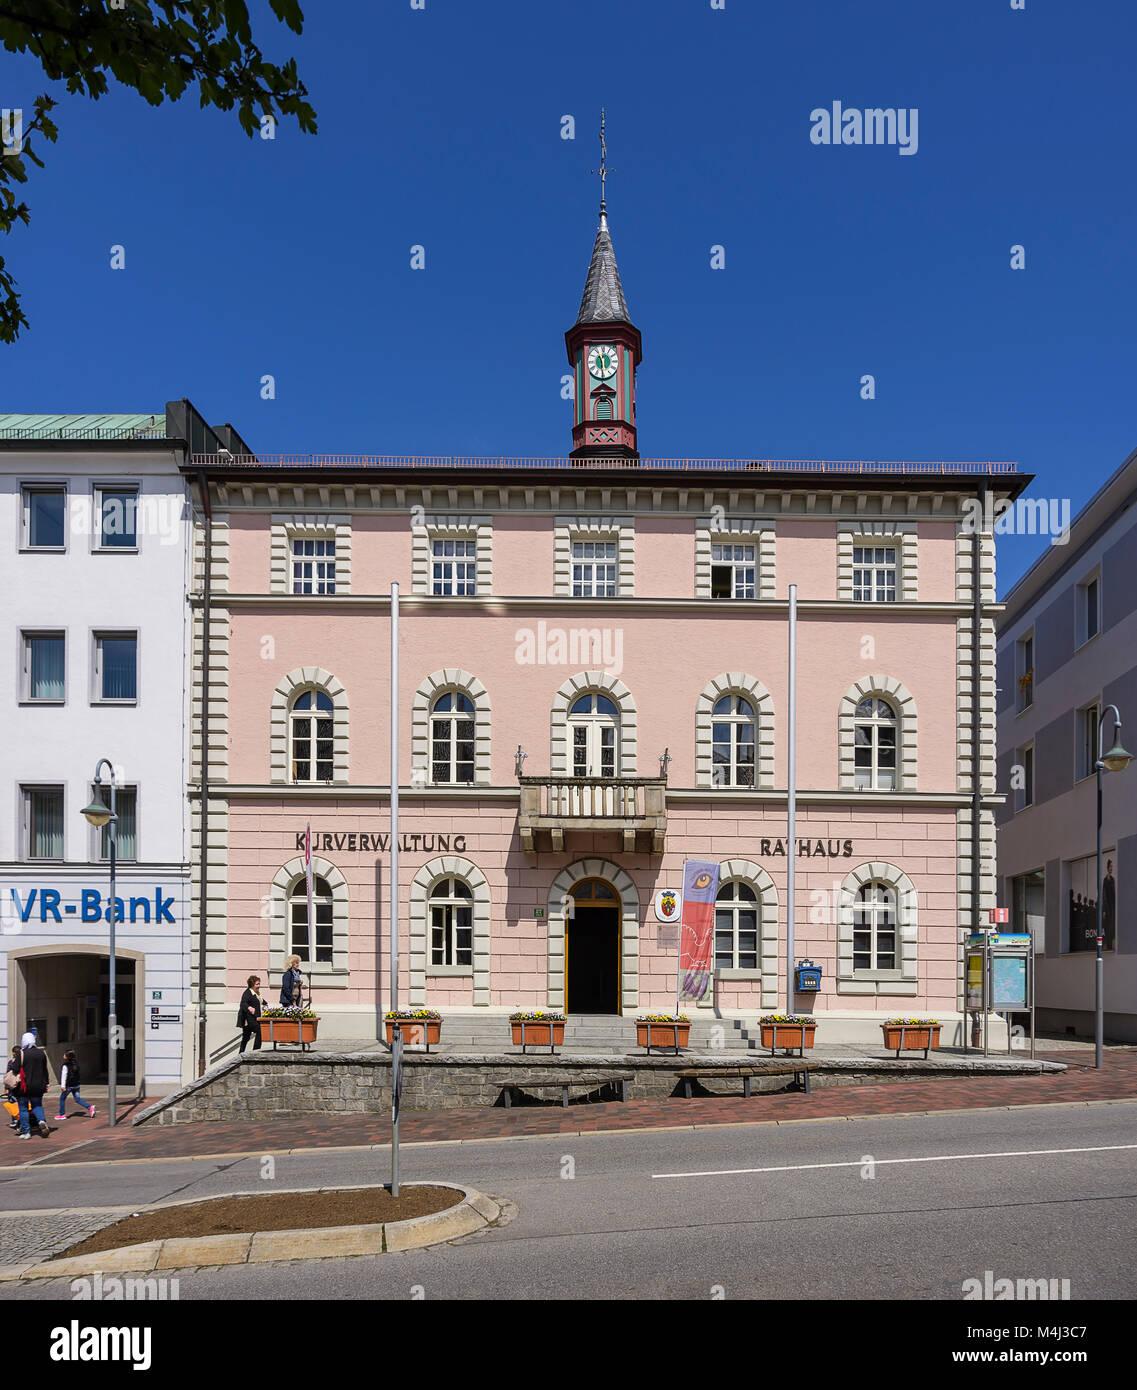 Das Rathaus am Stadtplatz in Zwiesel, Bayerischer Wald, Bayern, Deutschland. Stockbild